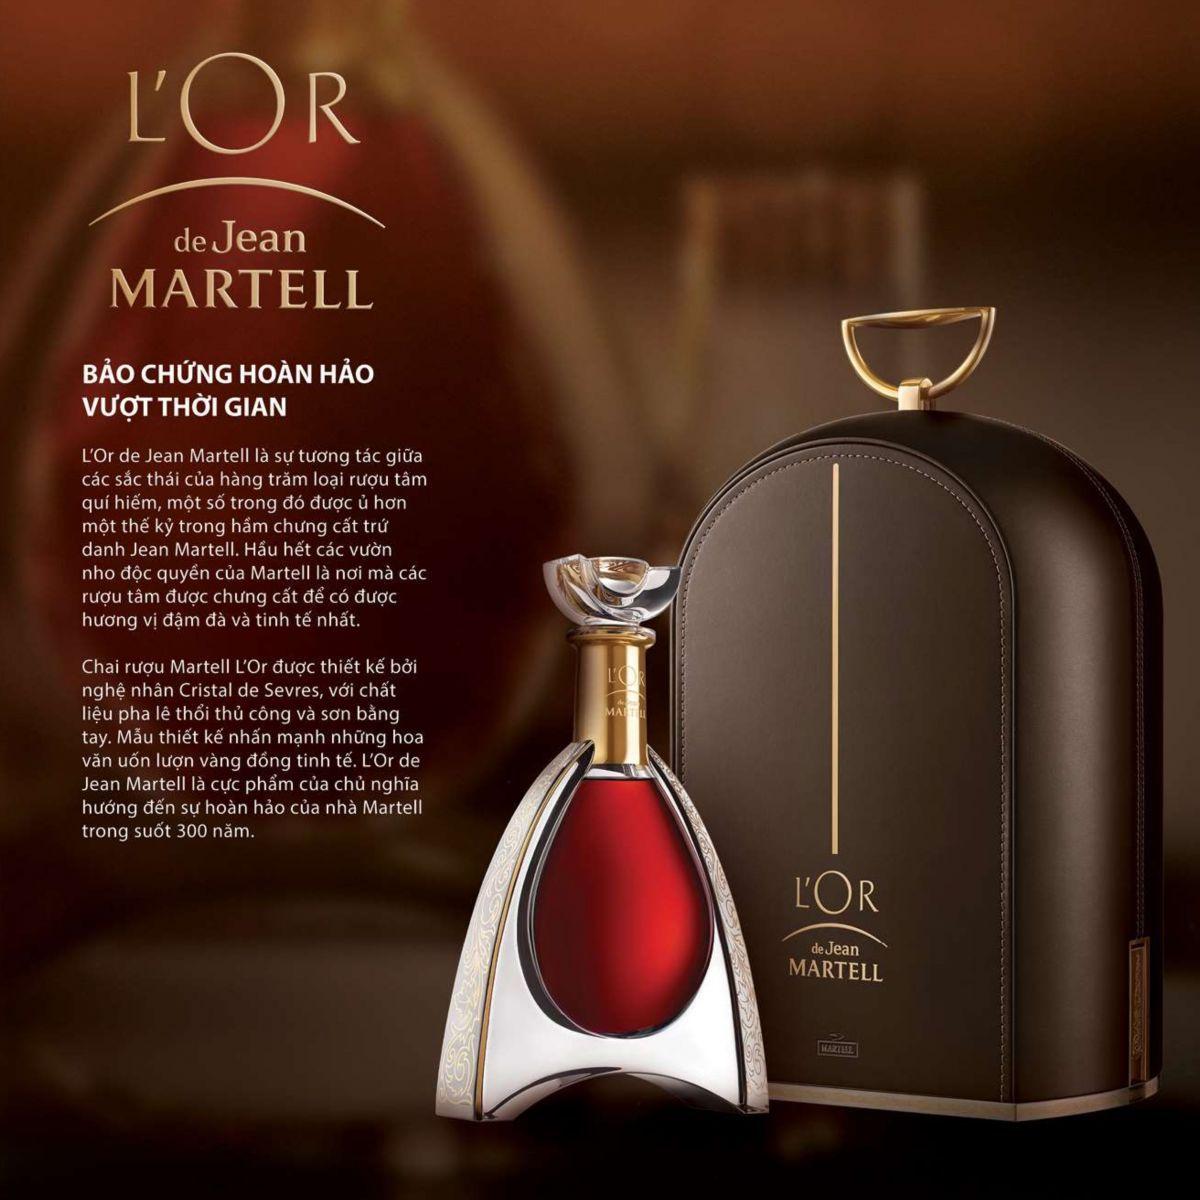 Rượu Cognac Martell Lor